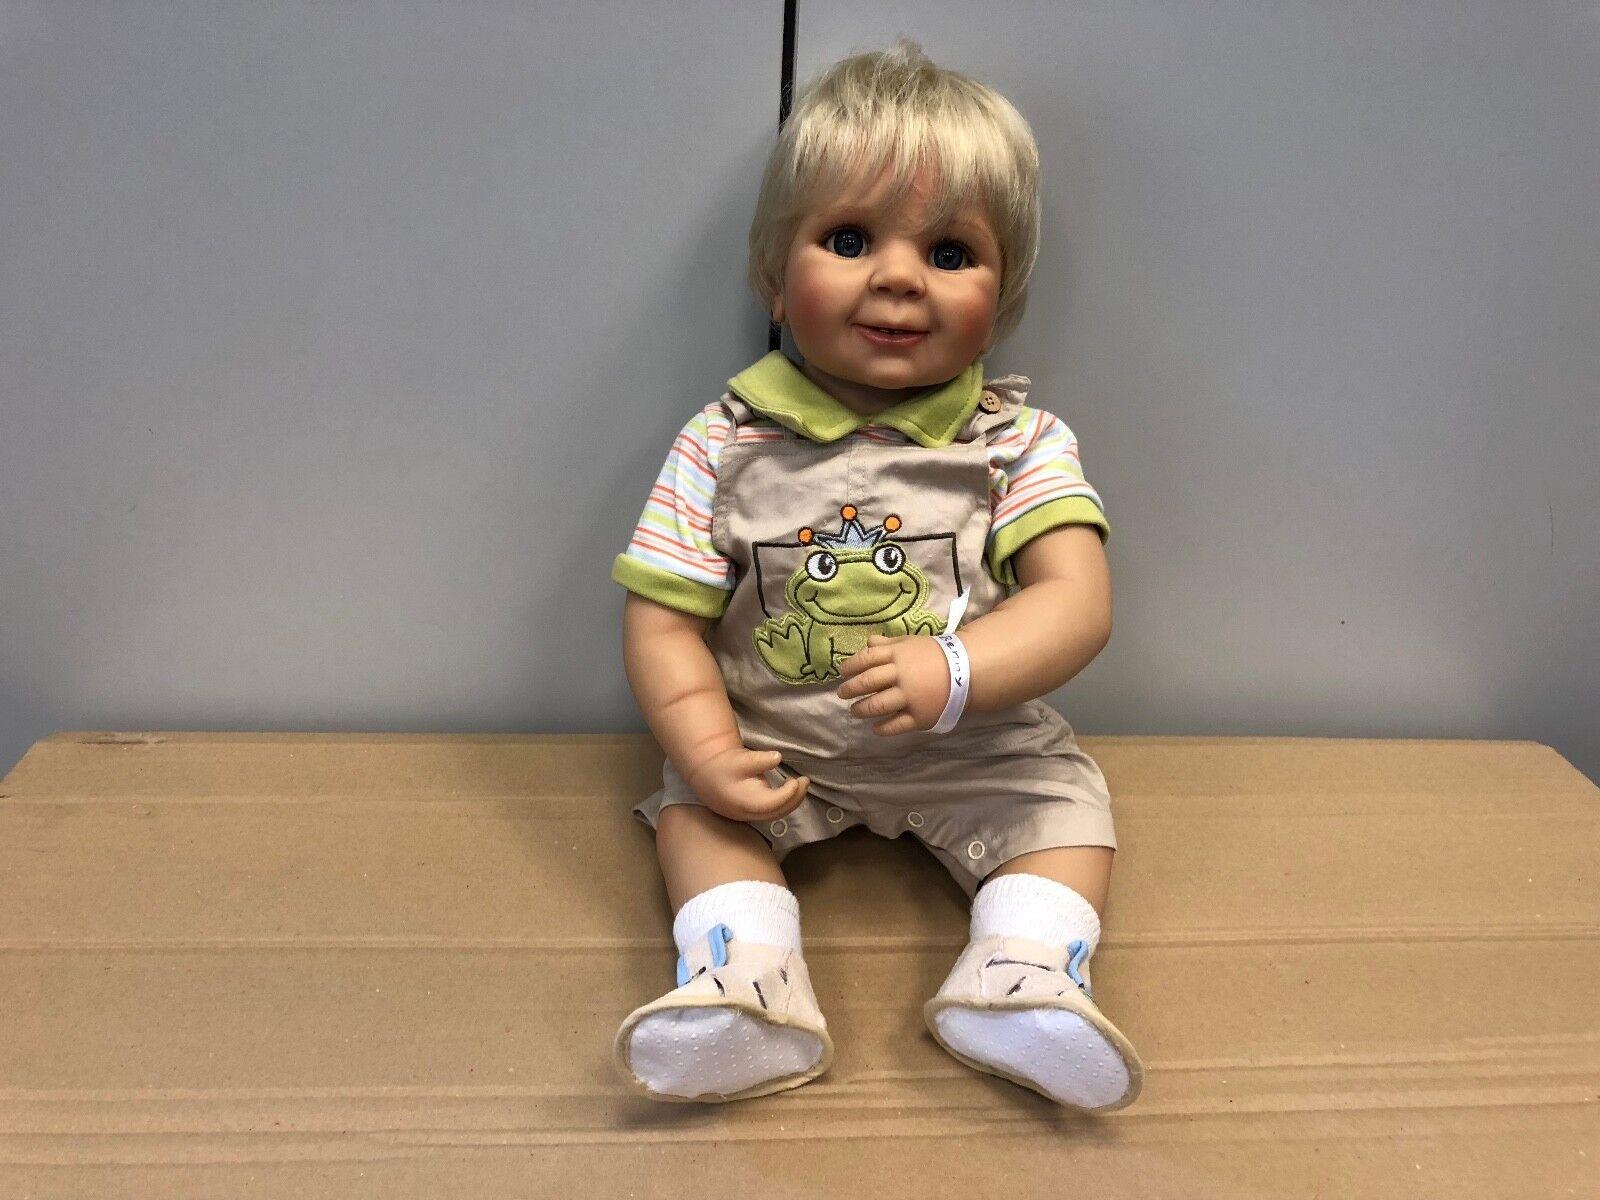 Monika  Gerdes vinile bambola 57 CM. OTTIMO stato  Miglior prezzo